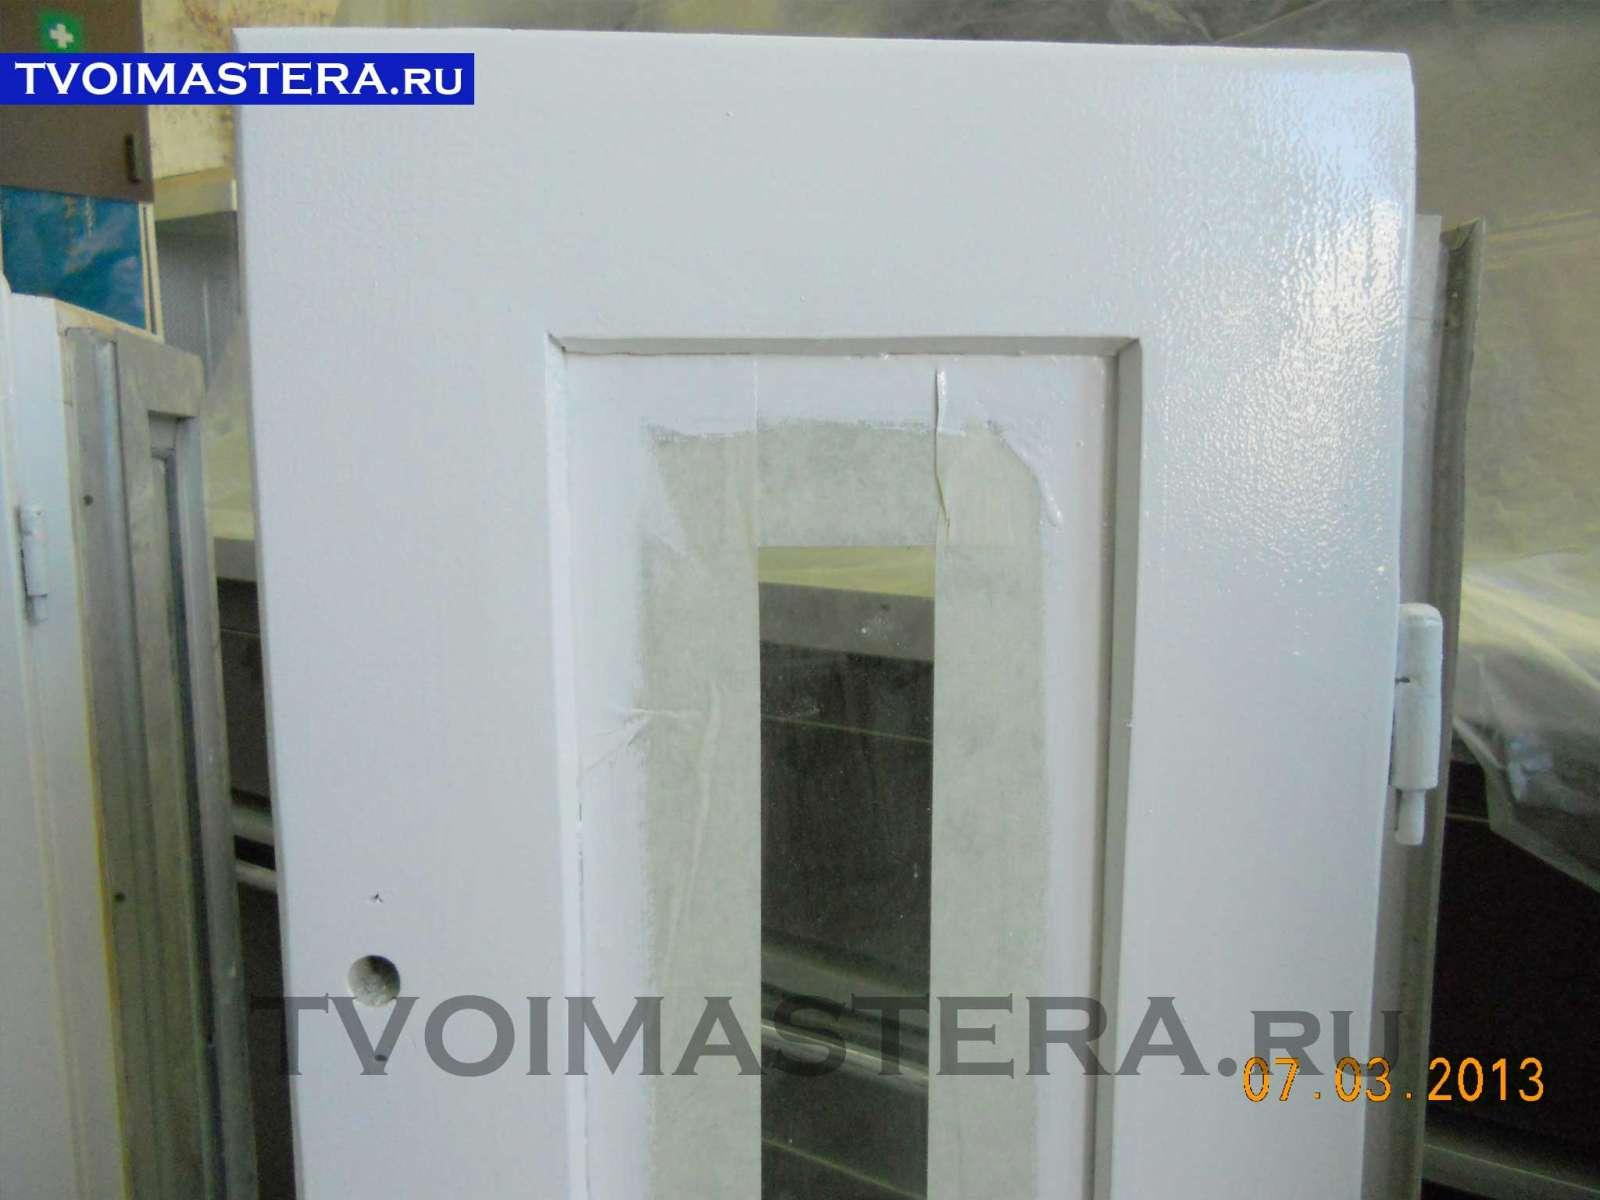 Ремонт и утепление деревянных окон